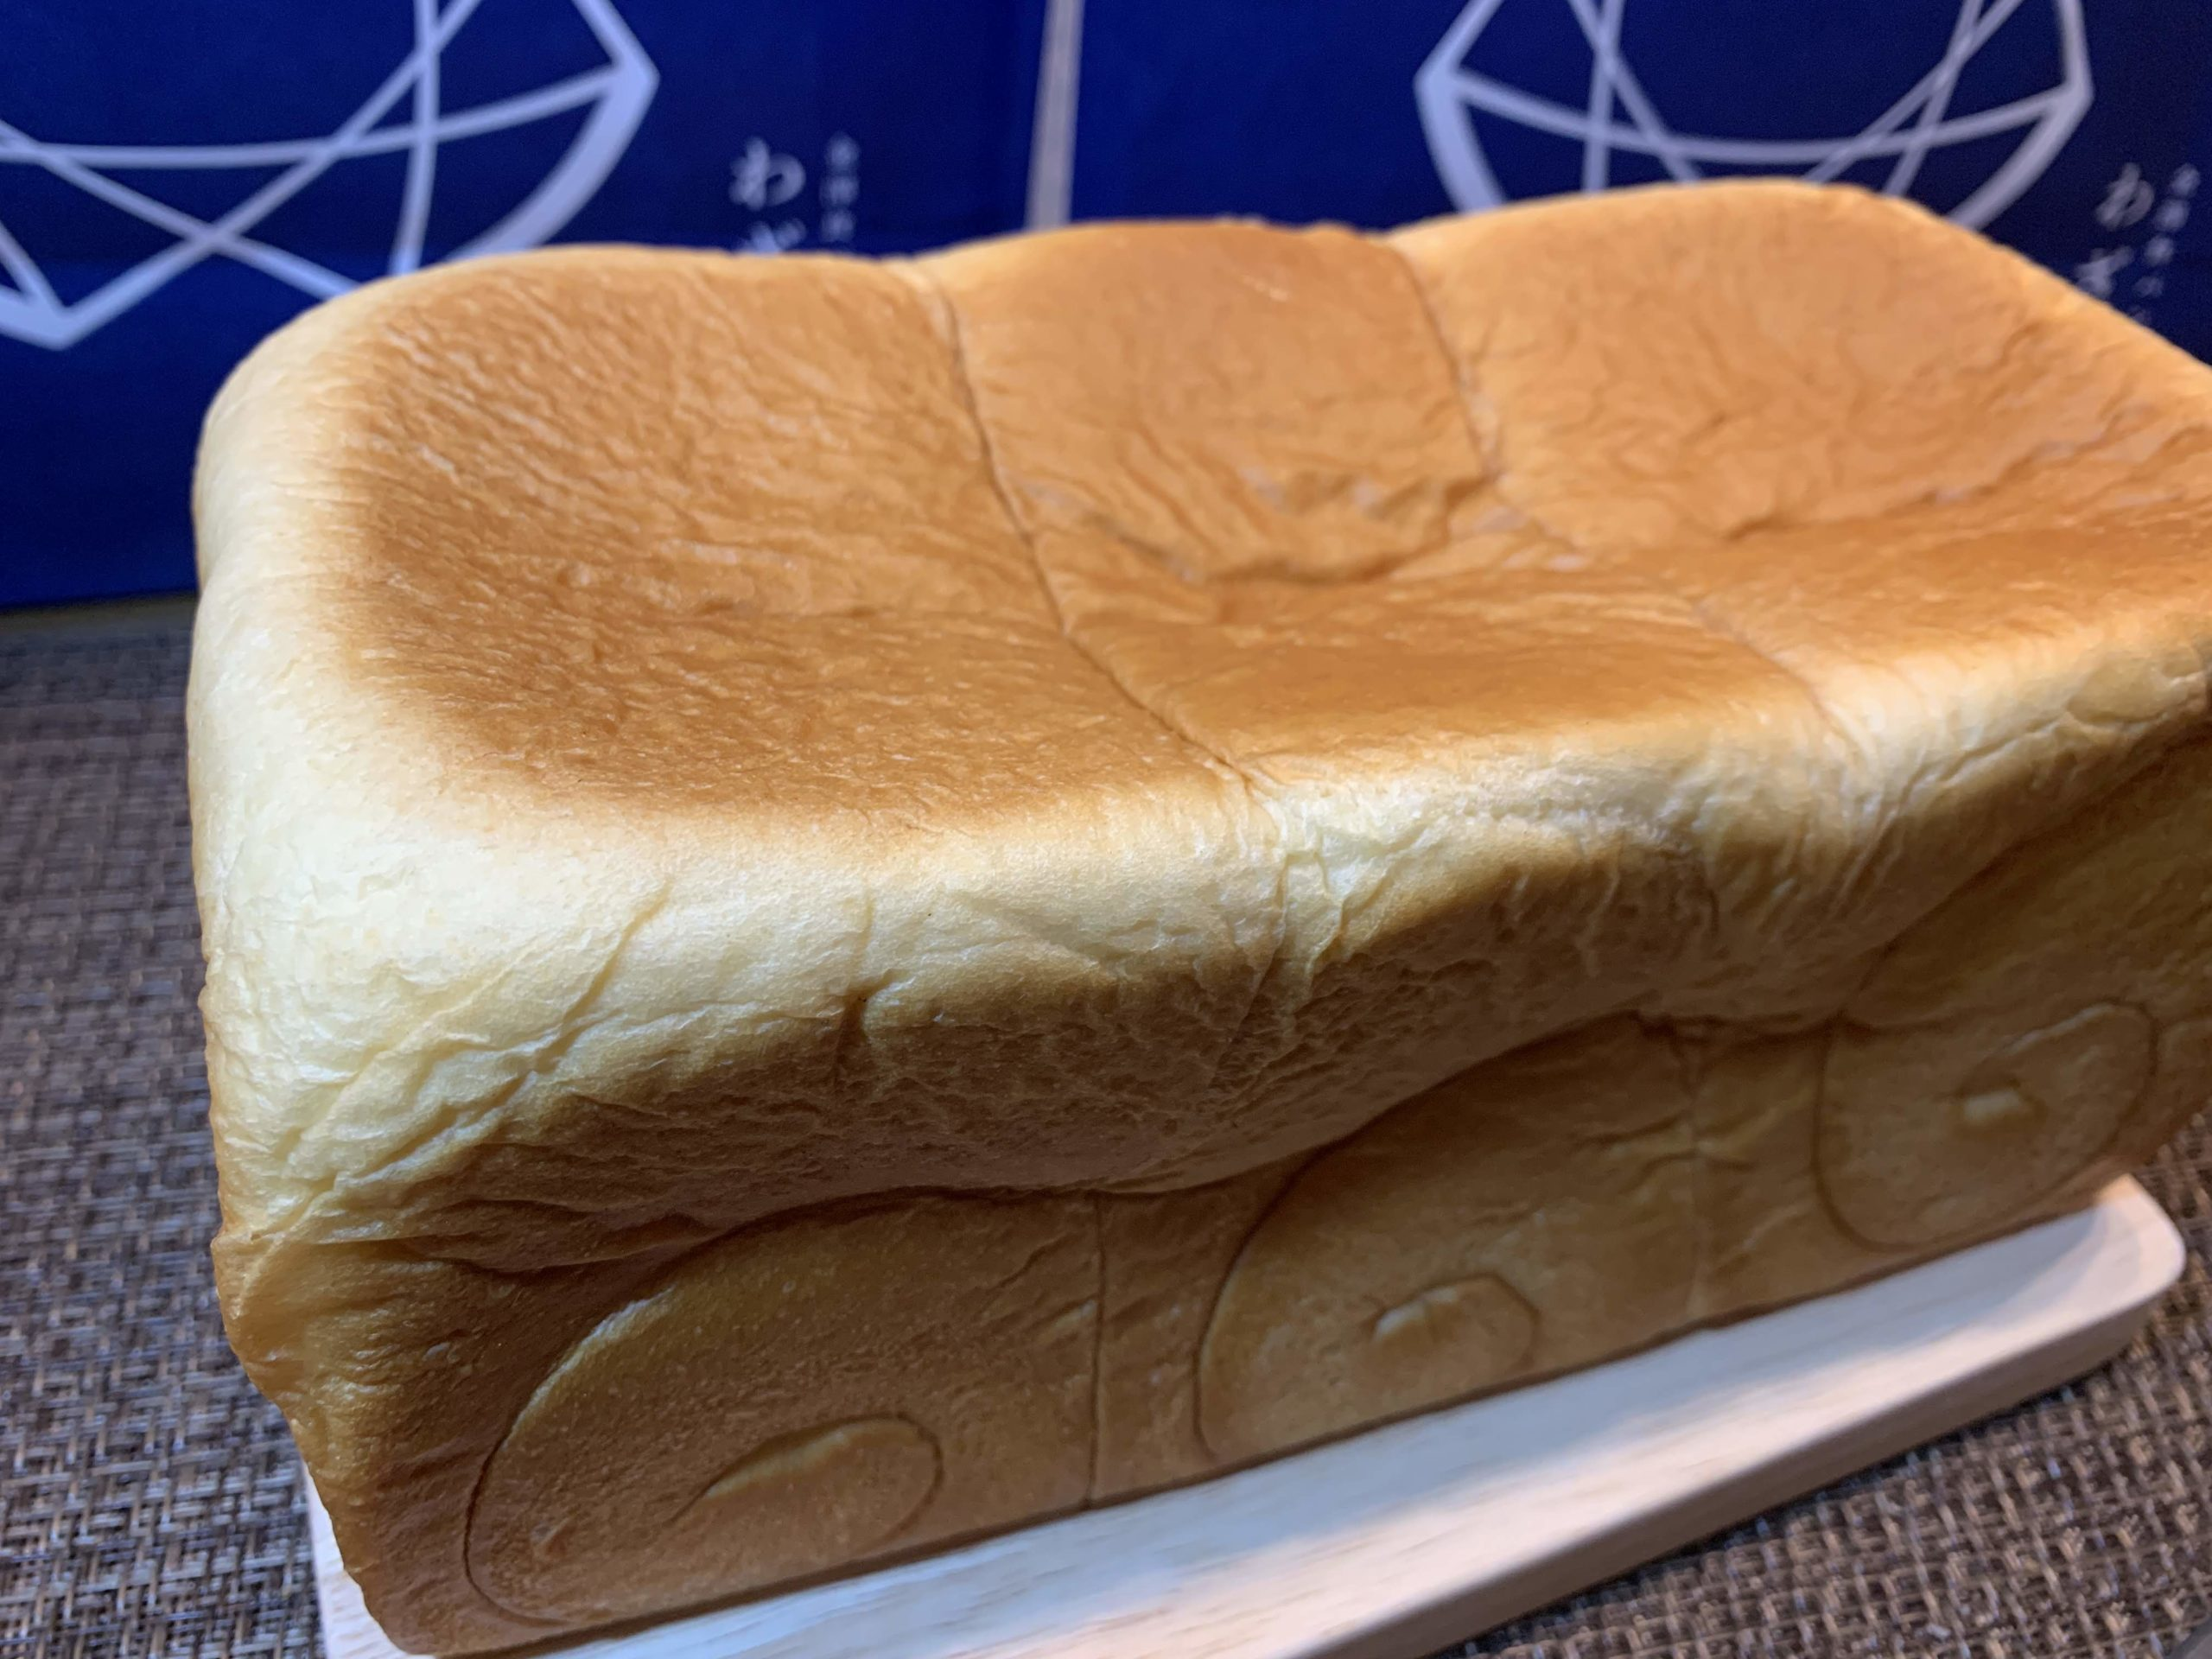 食パン専門店わざなかの食パンは美味しい?金澤食パンの全種食べ比べ